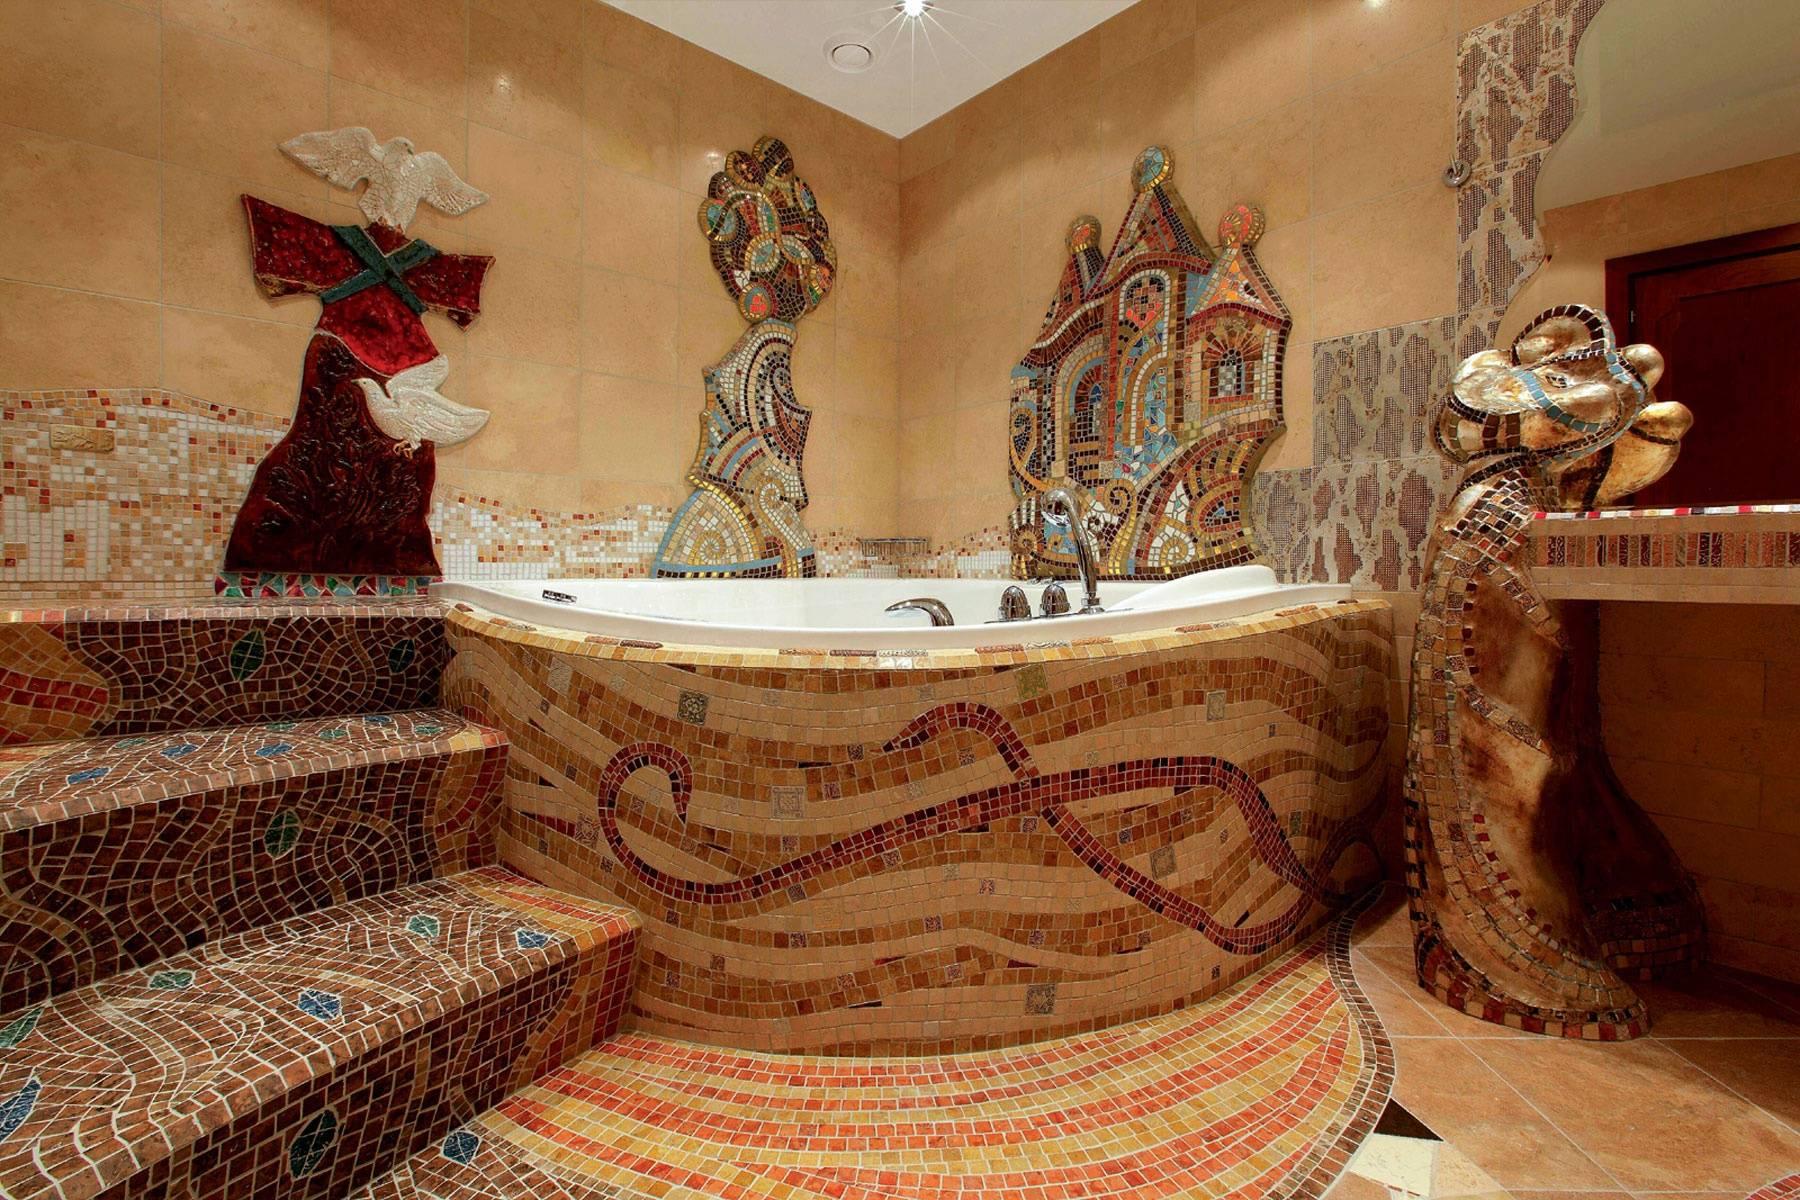 Мозаика в стиле Антонио Гауди: в поисках уникального дизайна интерьера